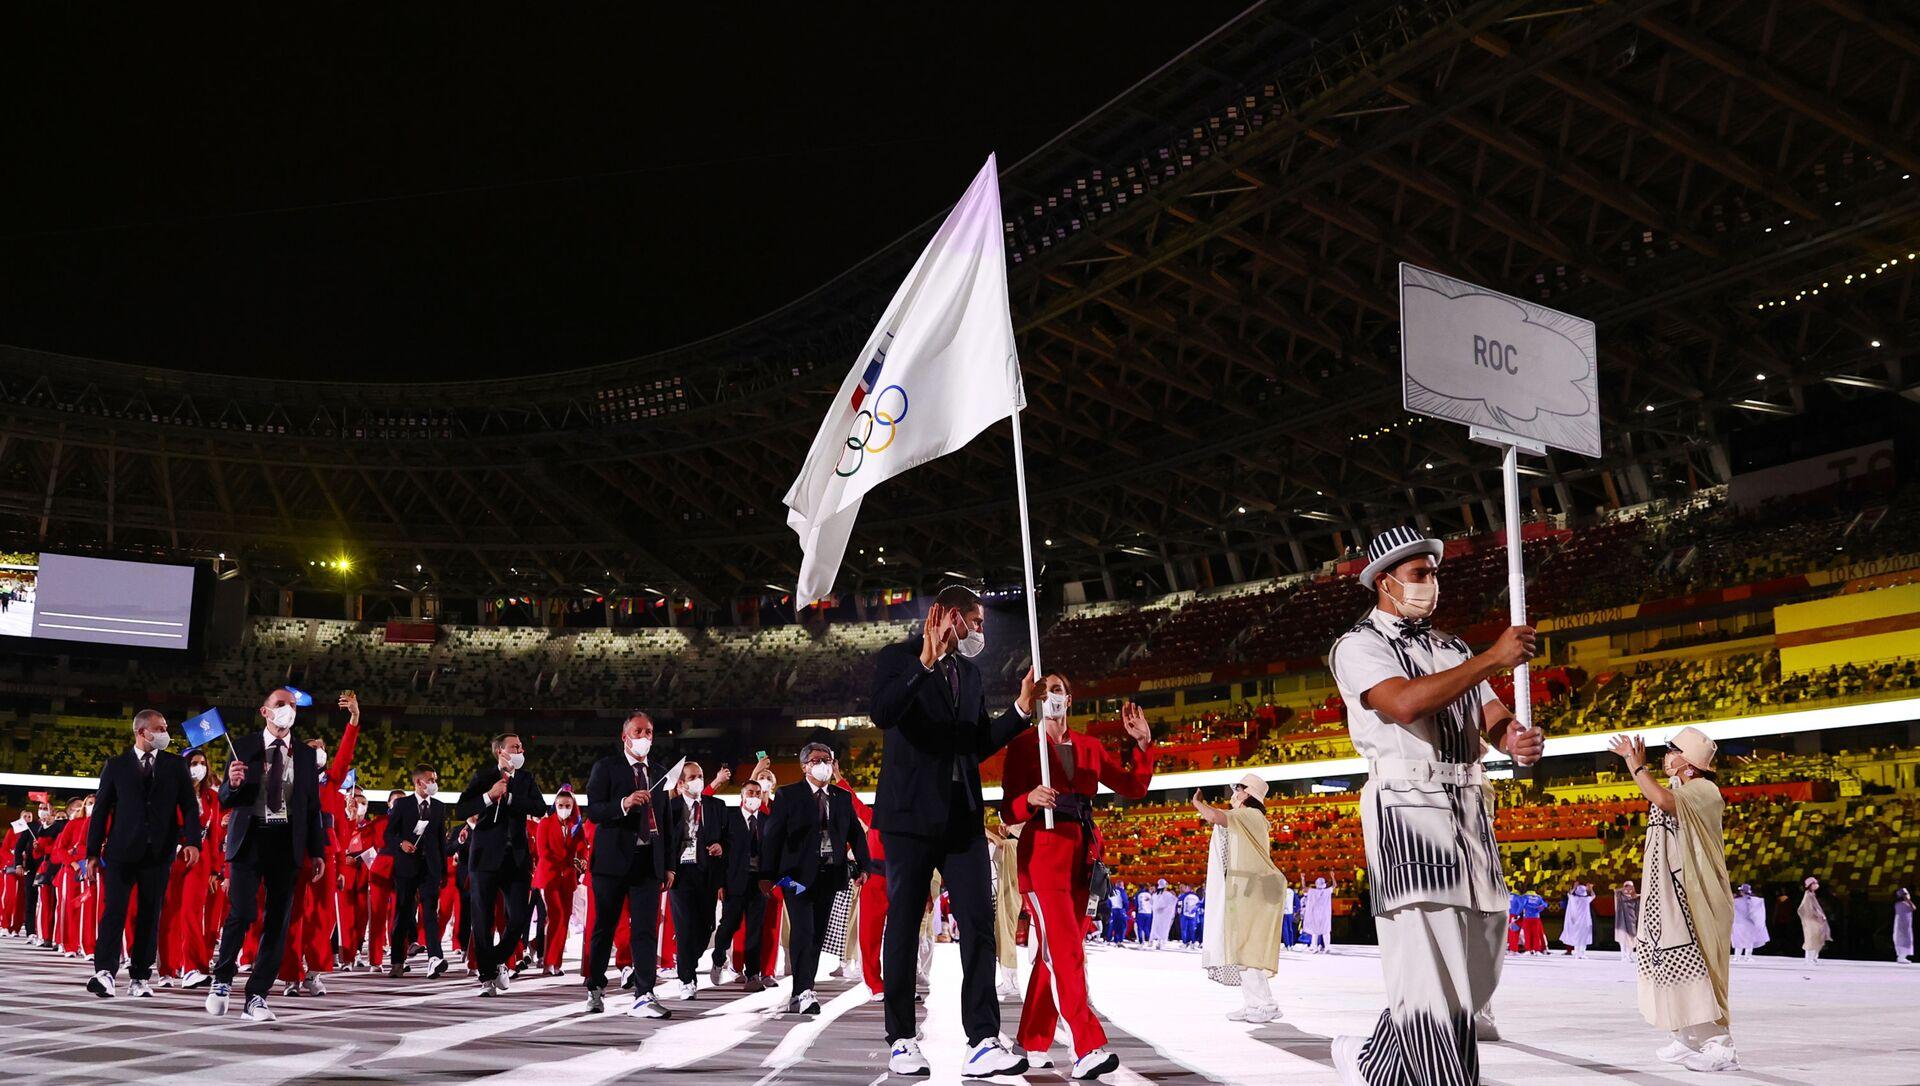 Rusya bayrağı veya marşının çalınması yasak olduğu oyunlarda 335 Rus sporcu ROC adı altında bağımsız olarak boy gösterecek. Rus sporcular oyunlar sırasında üzerinde Rusya bayrağı bulunan olimpiyat sembolü olan ROC sembolünü kullanabilecek. Rusya'yı temsil eden hiçbir sembol hiçbir şekilde oyunlarda kullanılmayacak. - Sputnik Türkiye, 1920, 24.07.2021